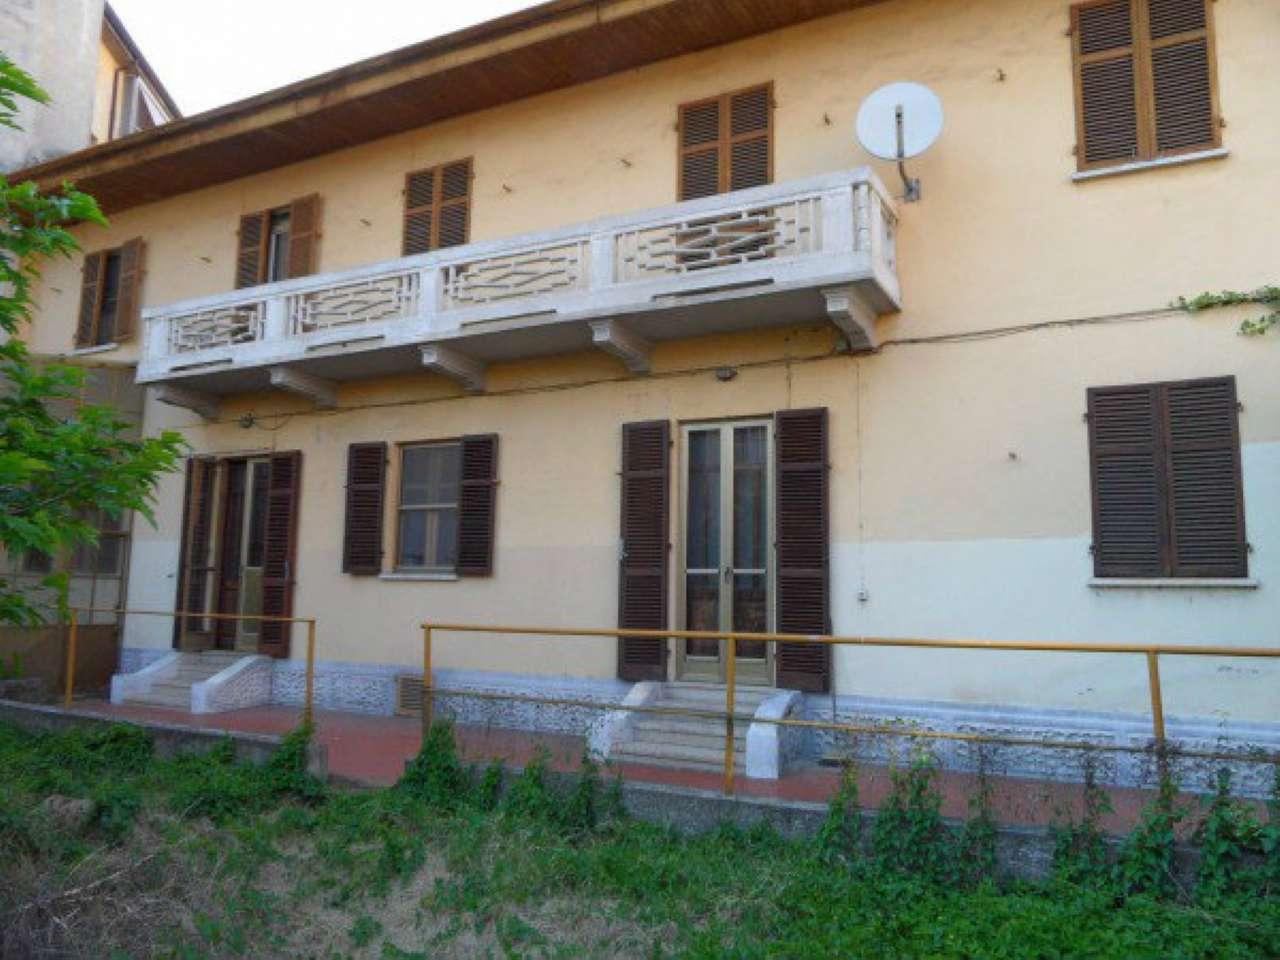 Soluzione Indipendente in vendita a Alpignano, 6 locali, prezzo € 220.000 | CambioCasa.it